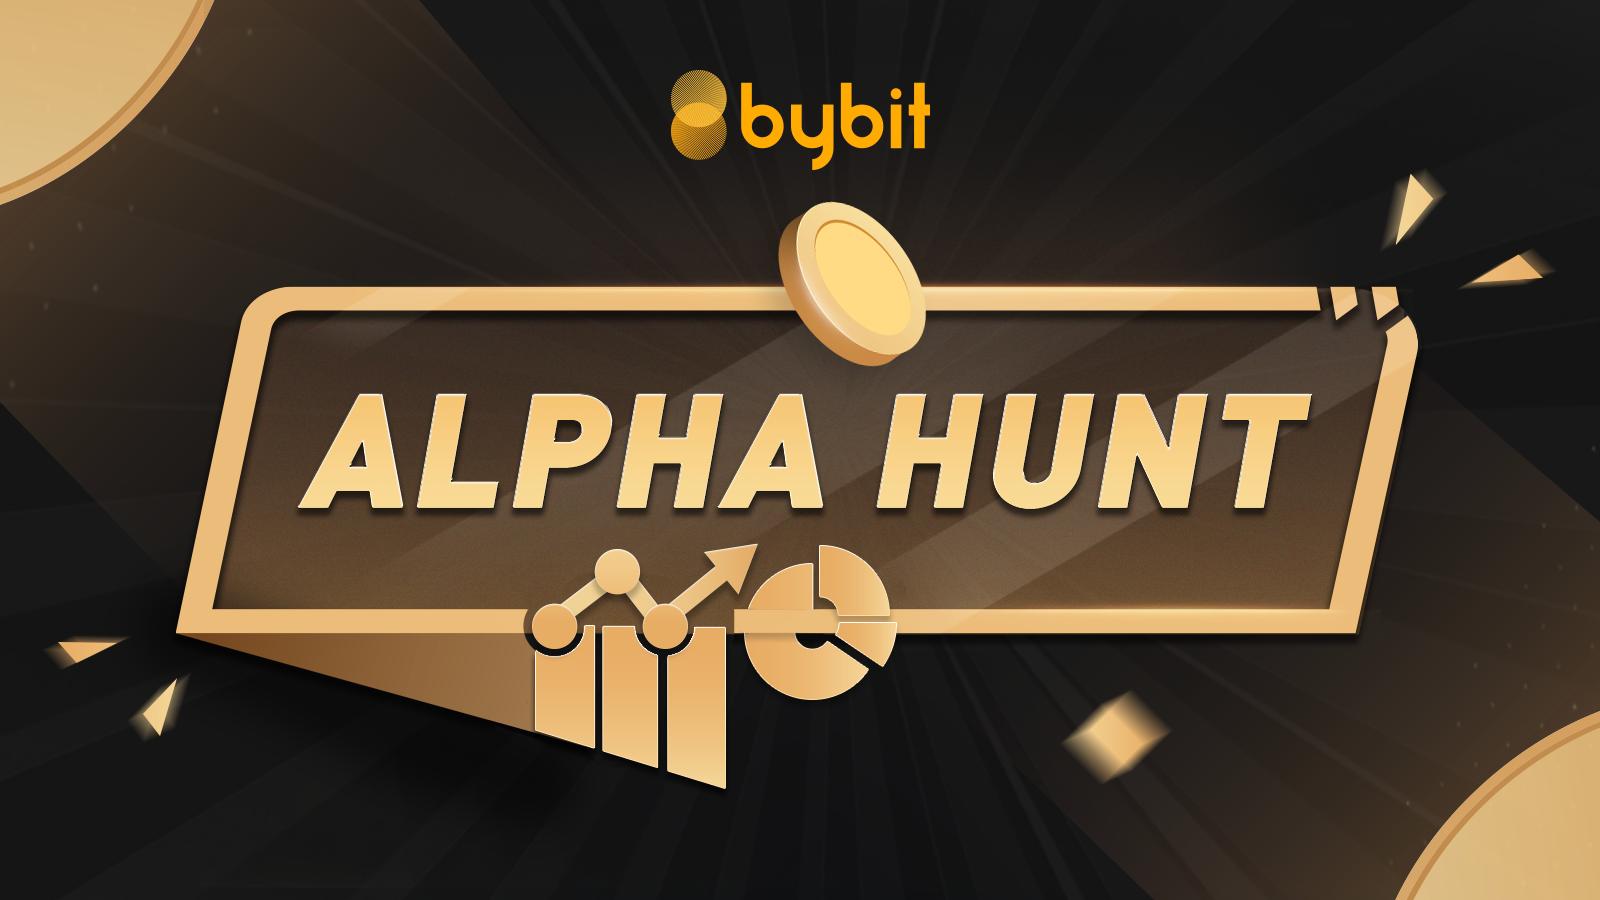 Alpha hunt — Bybit